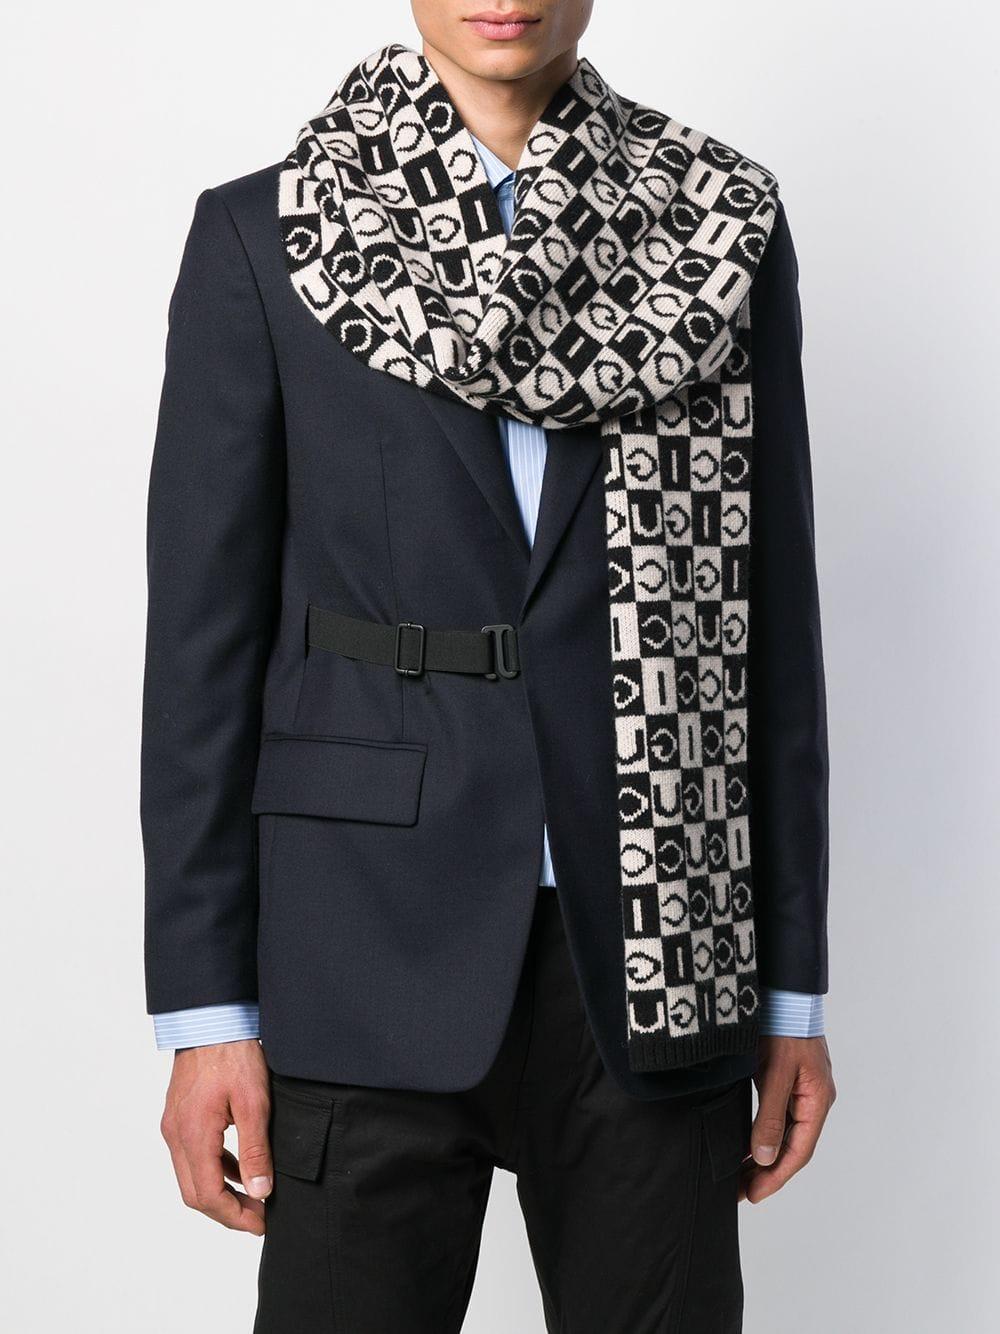 sciarpa in lana pesante a scacchetti bianco nero logati Gucci GUCCI | Sciarpa | 595978-4G2061078